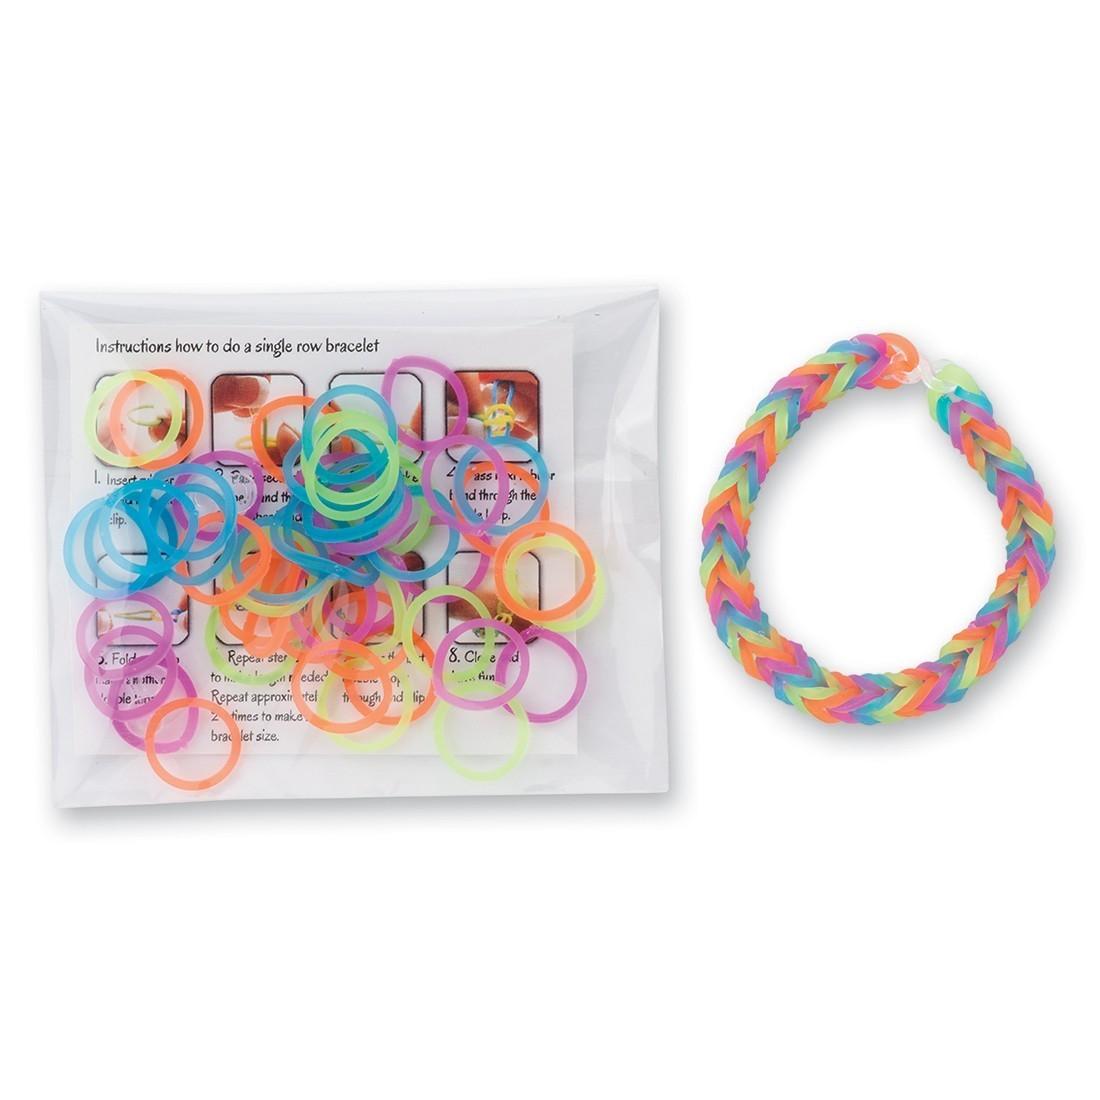 Stretchy Bracelet Bands [image]